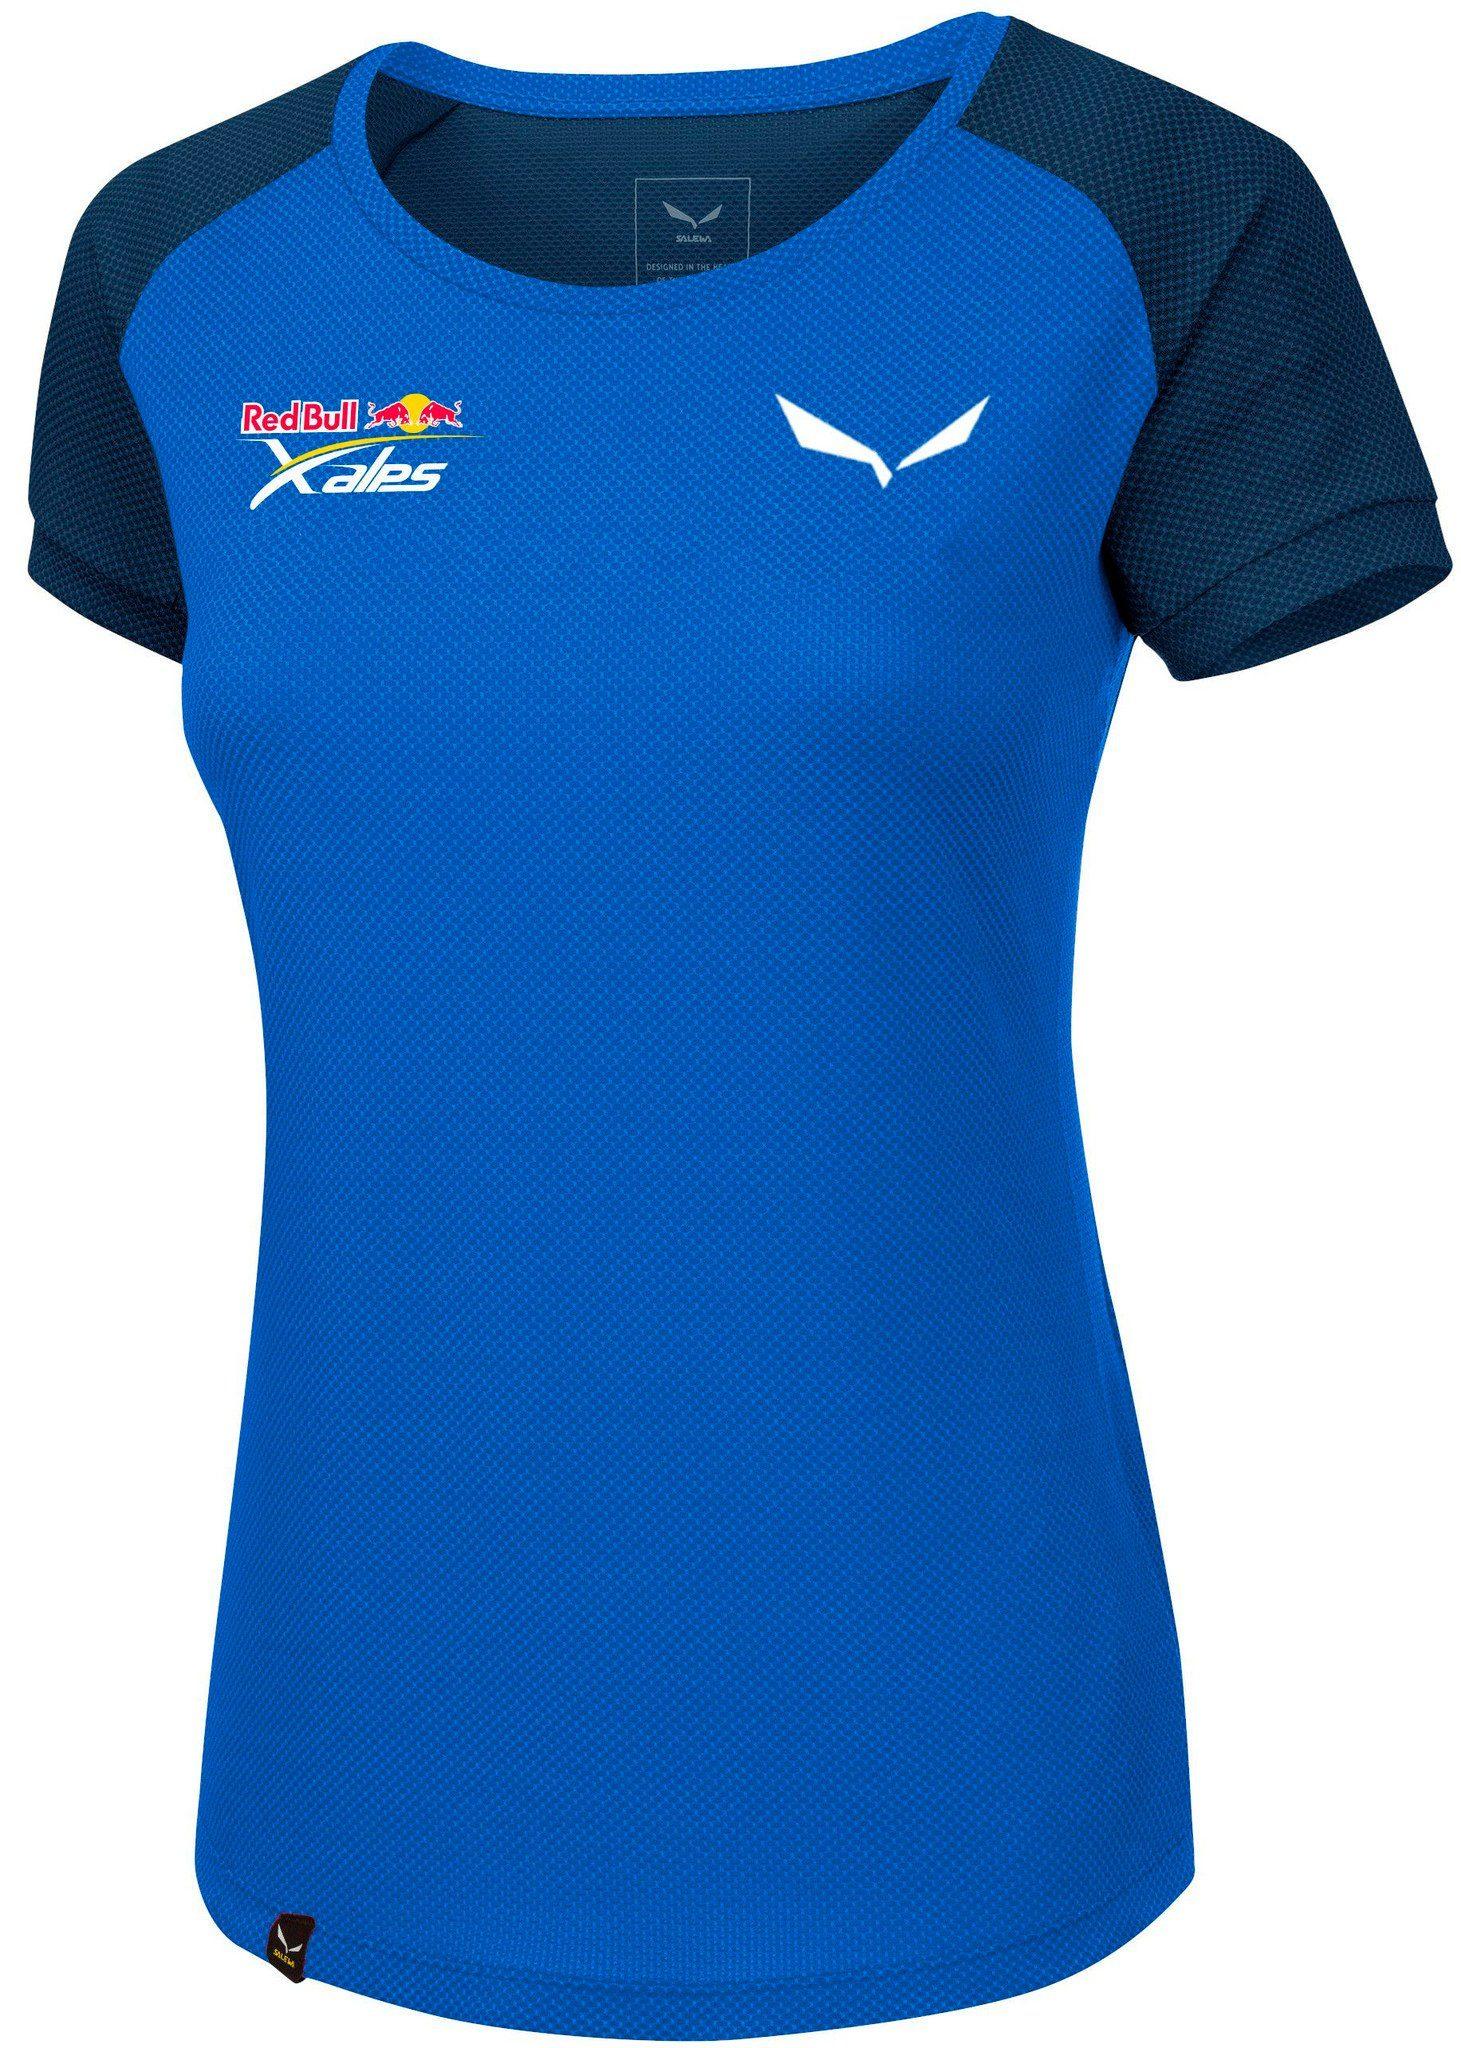 Salewa T-Shirt »Redbull X-Alps Delt SS Tee Women«